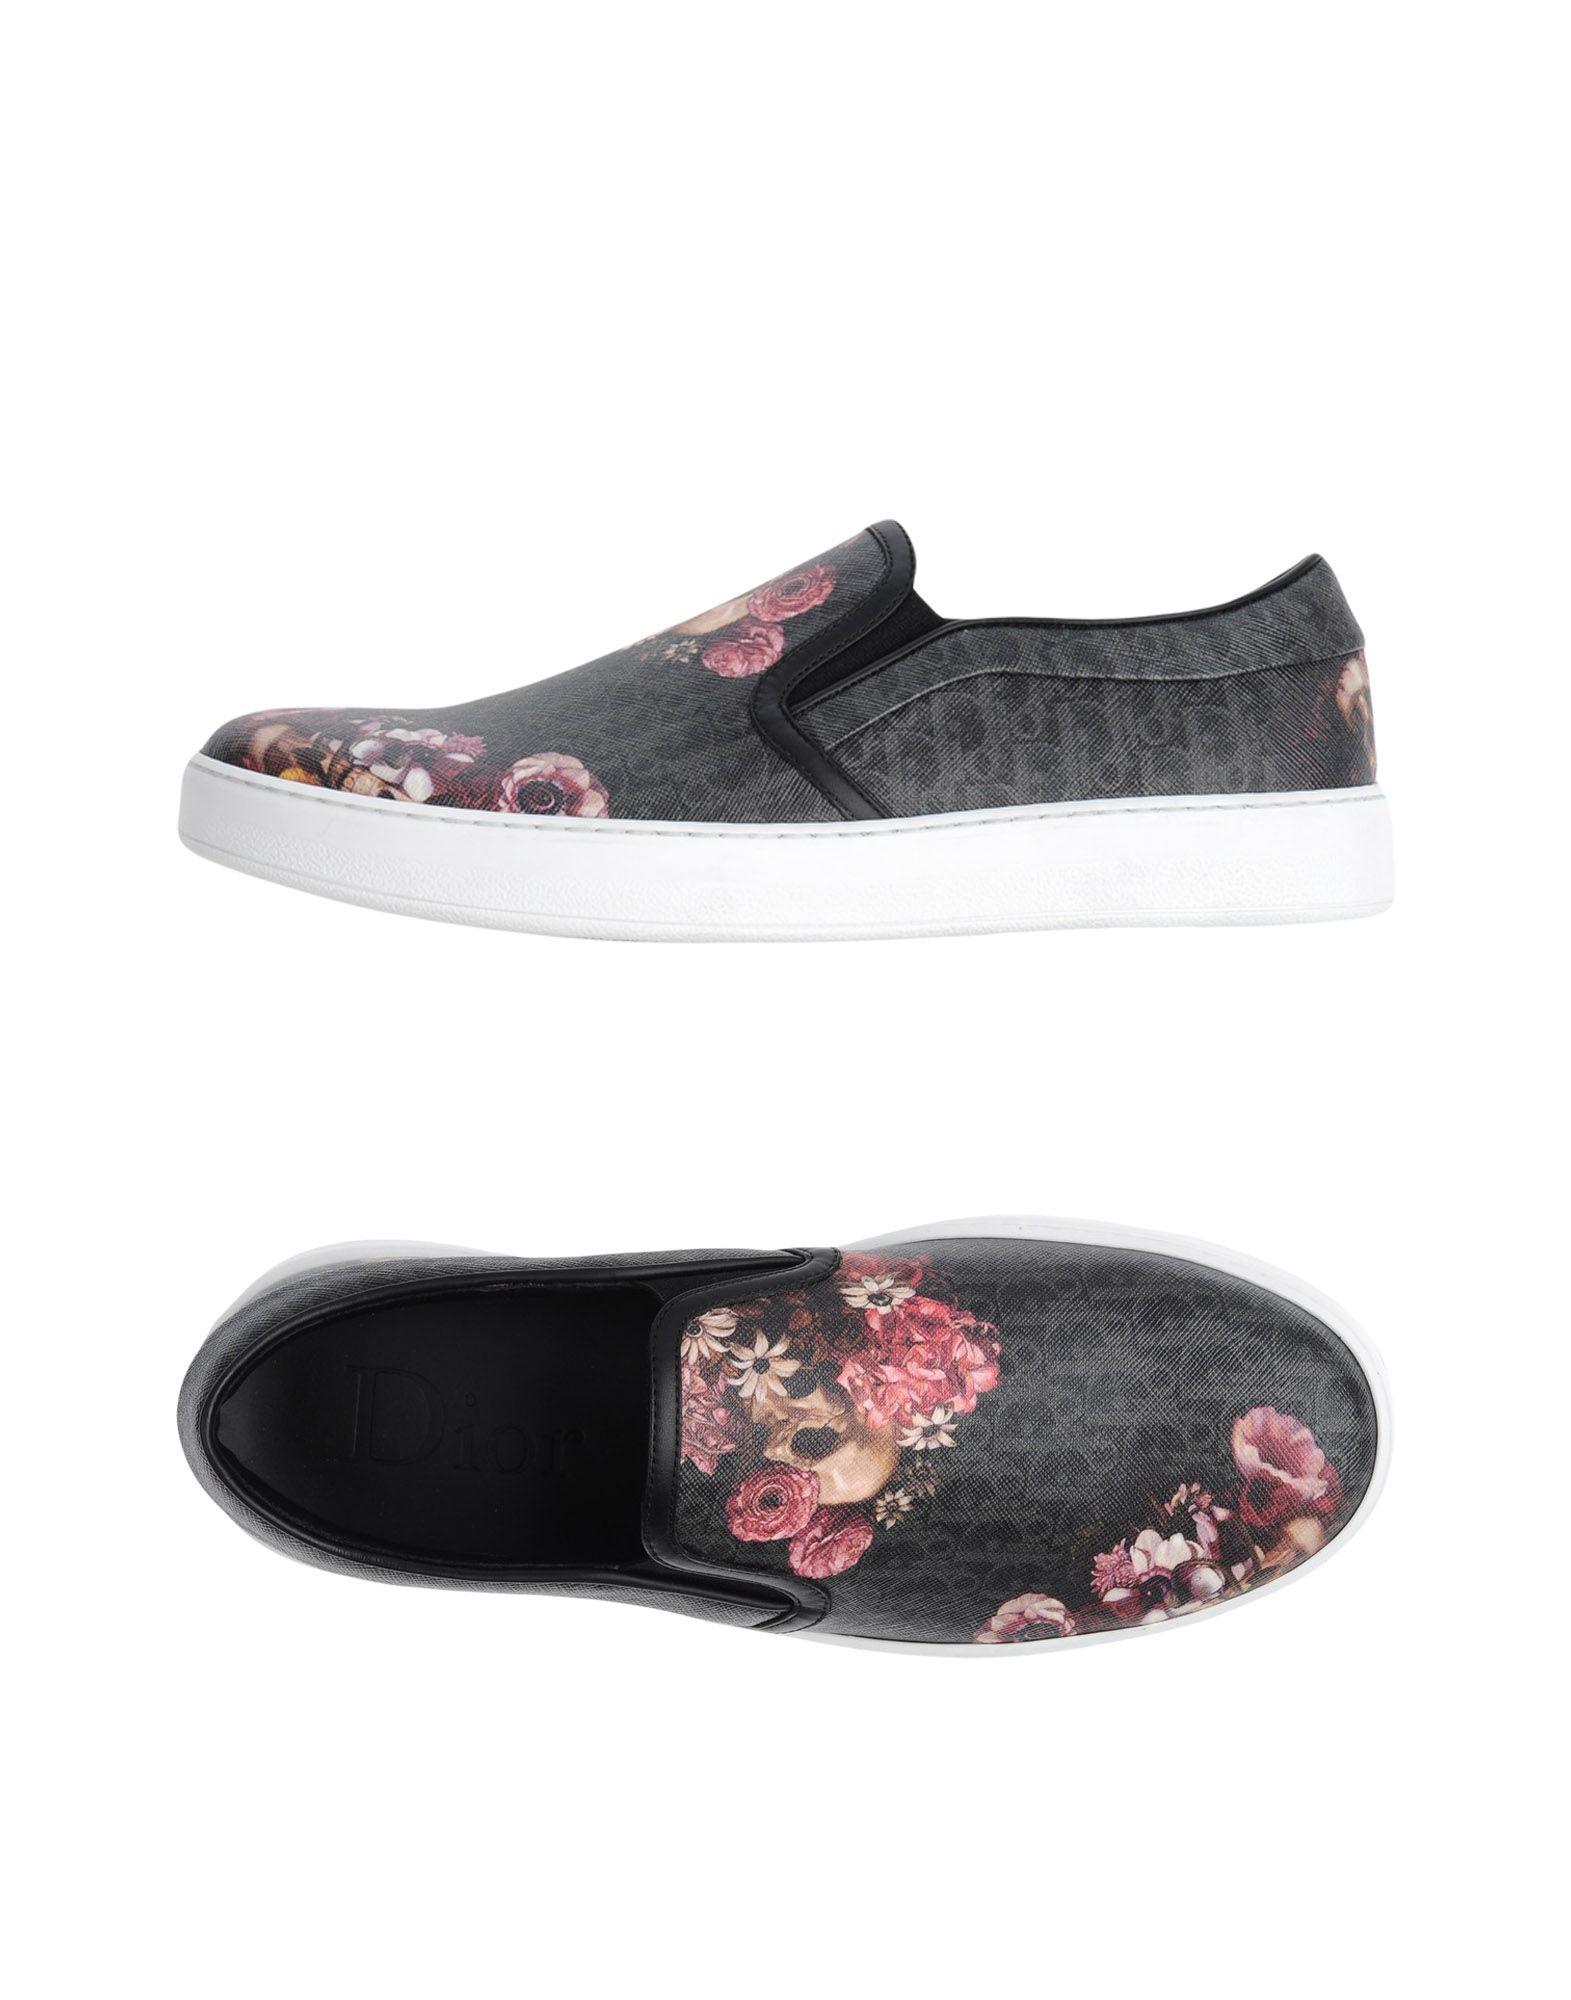 Dior Homme Sneakers Herren Herren Sneakers  11349612BG a31668